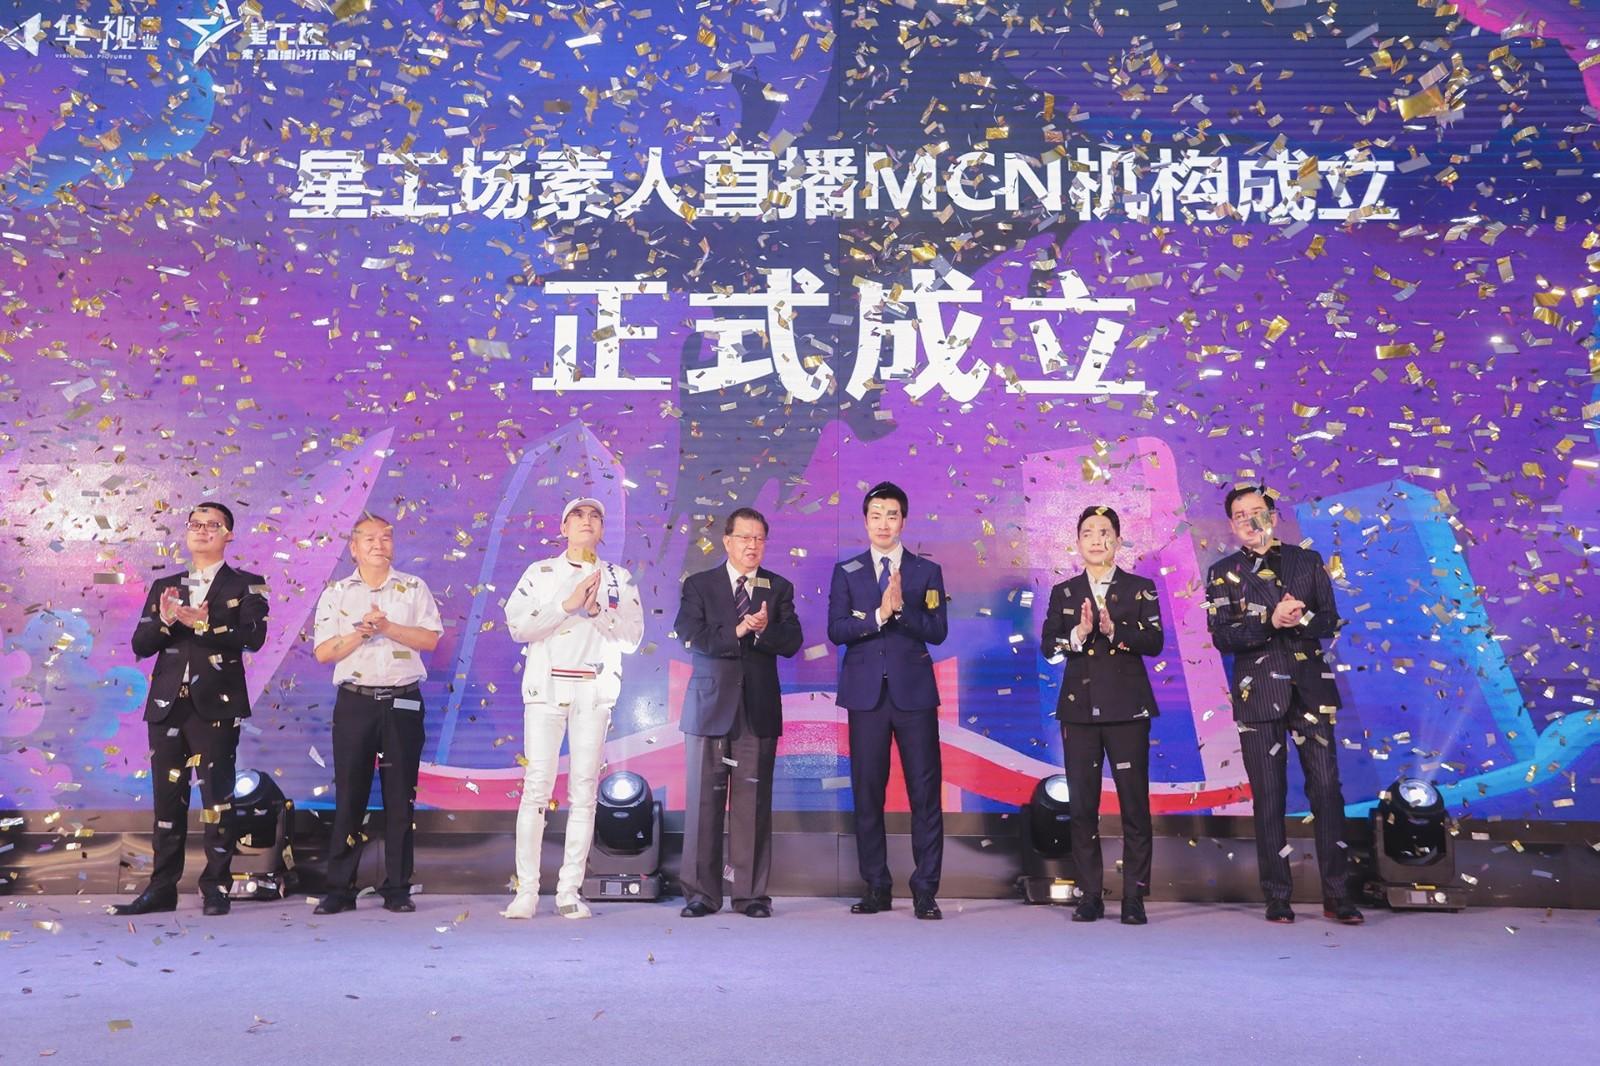 全民直播_创新未来――星工场素人直播MCN机构成立,全国(深圳)网络直播基地揭牌仪式